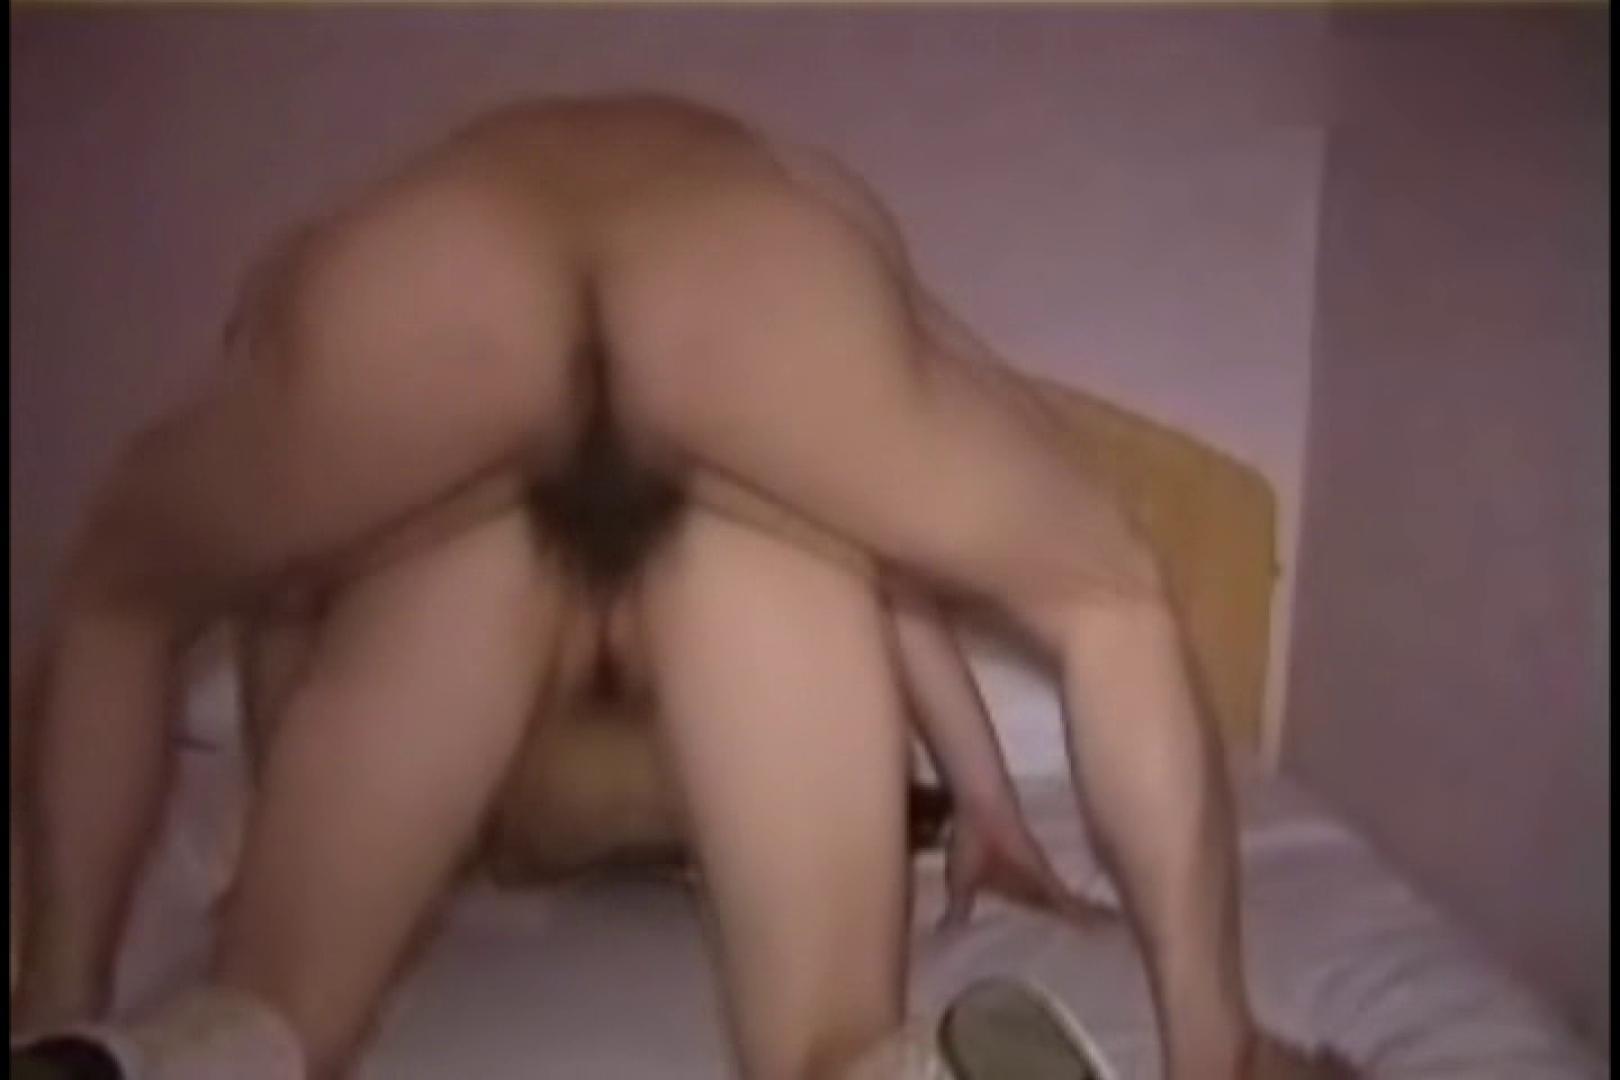 コリアン素人流出シリーズ ラブホテル援交ハメ撮り映像流出